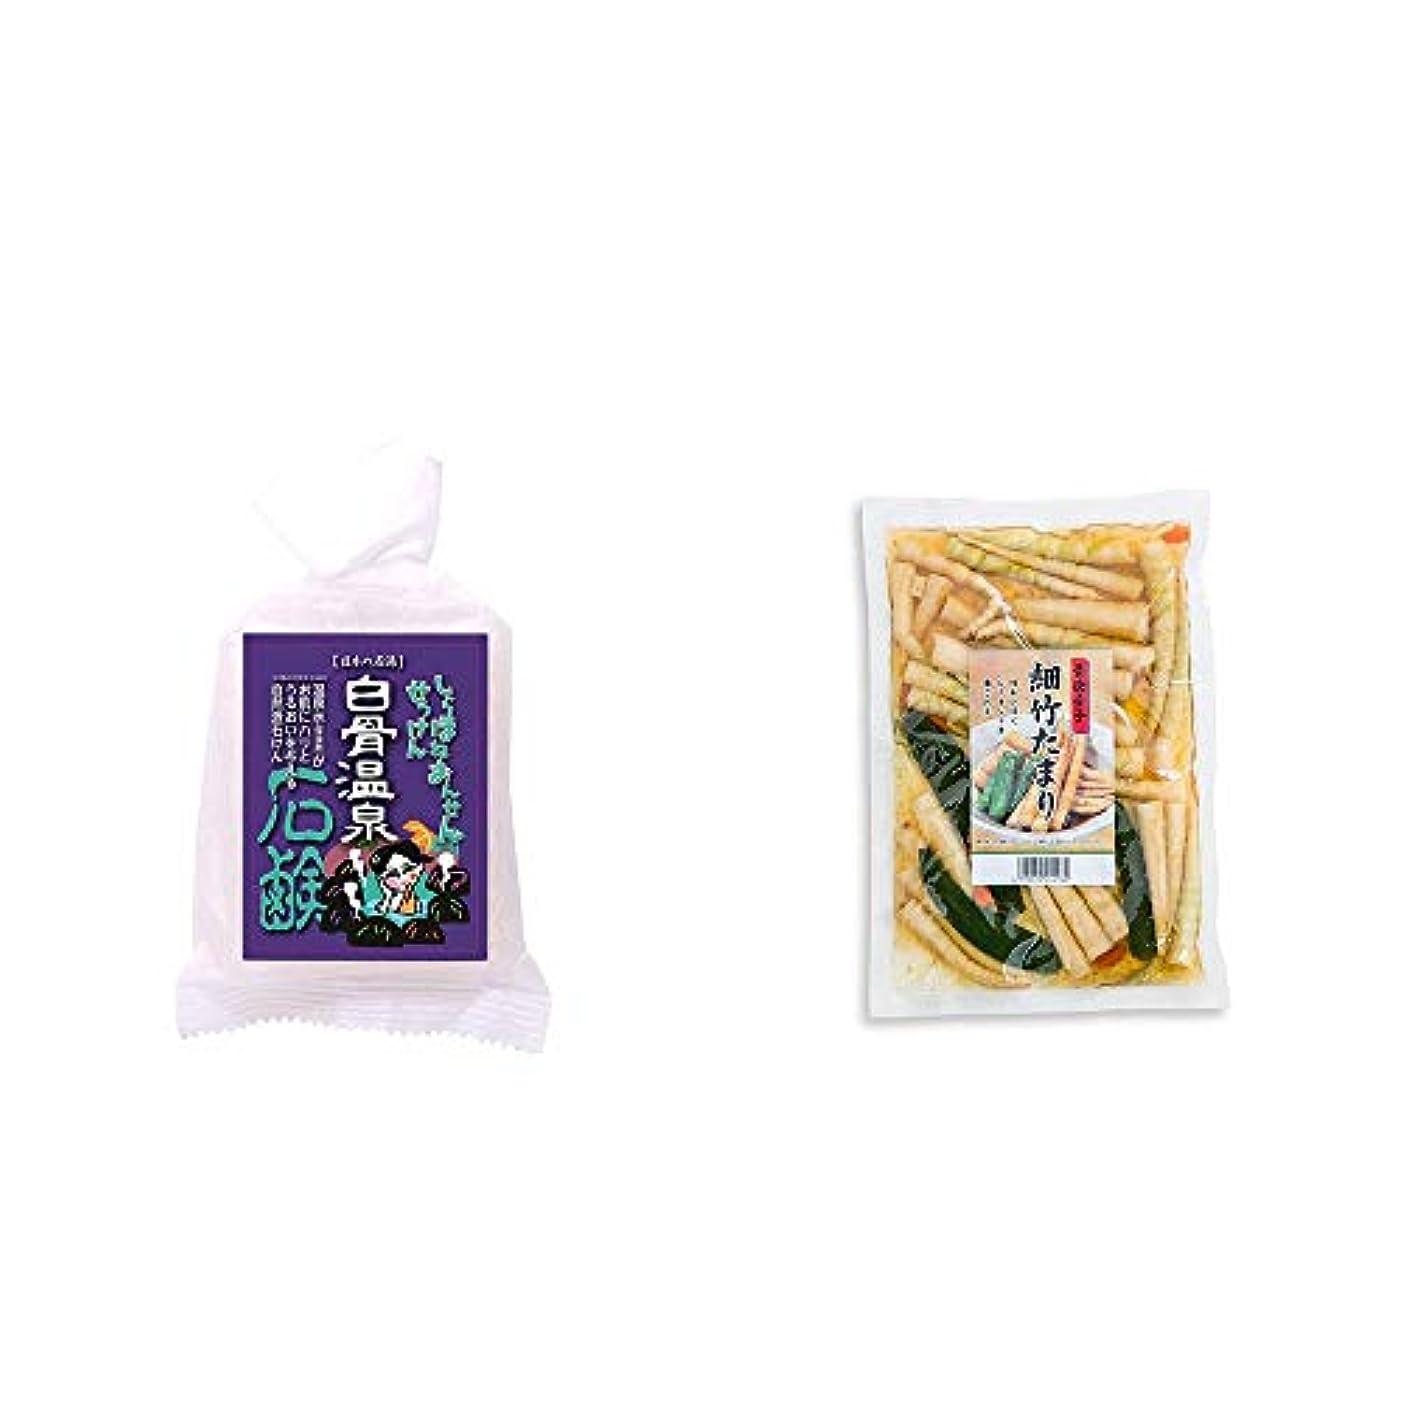 警戒乳製品さらに[2点セット] 信州 白骨温泉石鹸(80g)?青唐辛子 細竹たまり(330g)